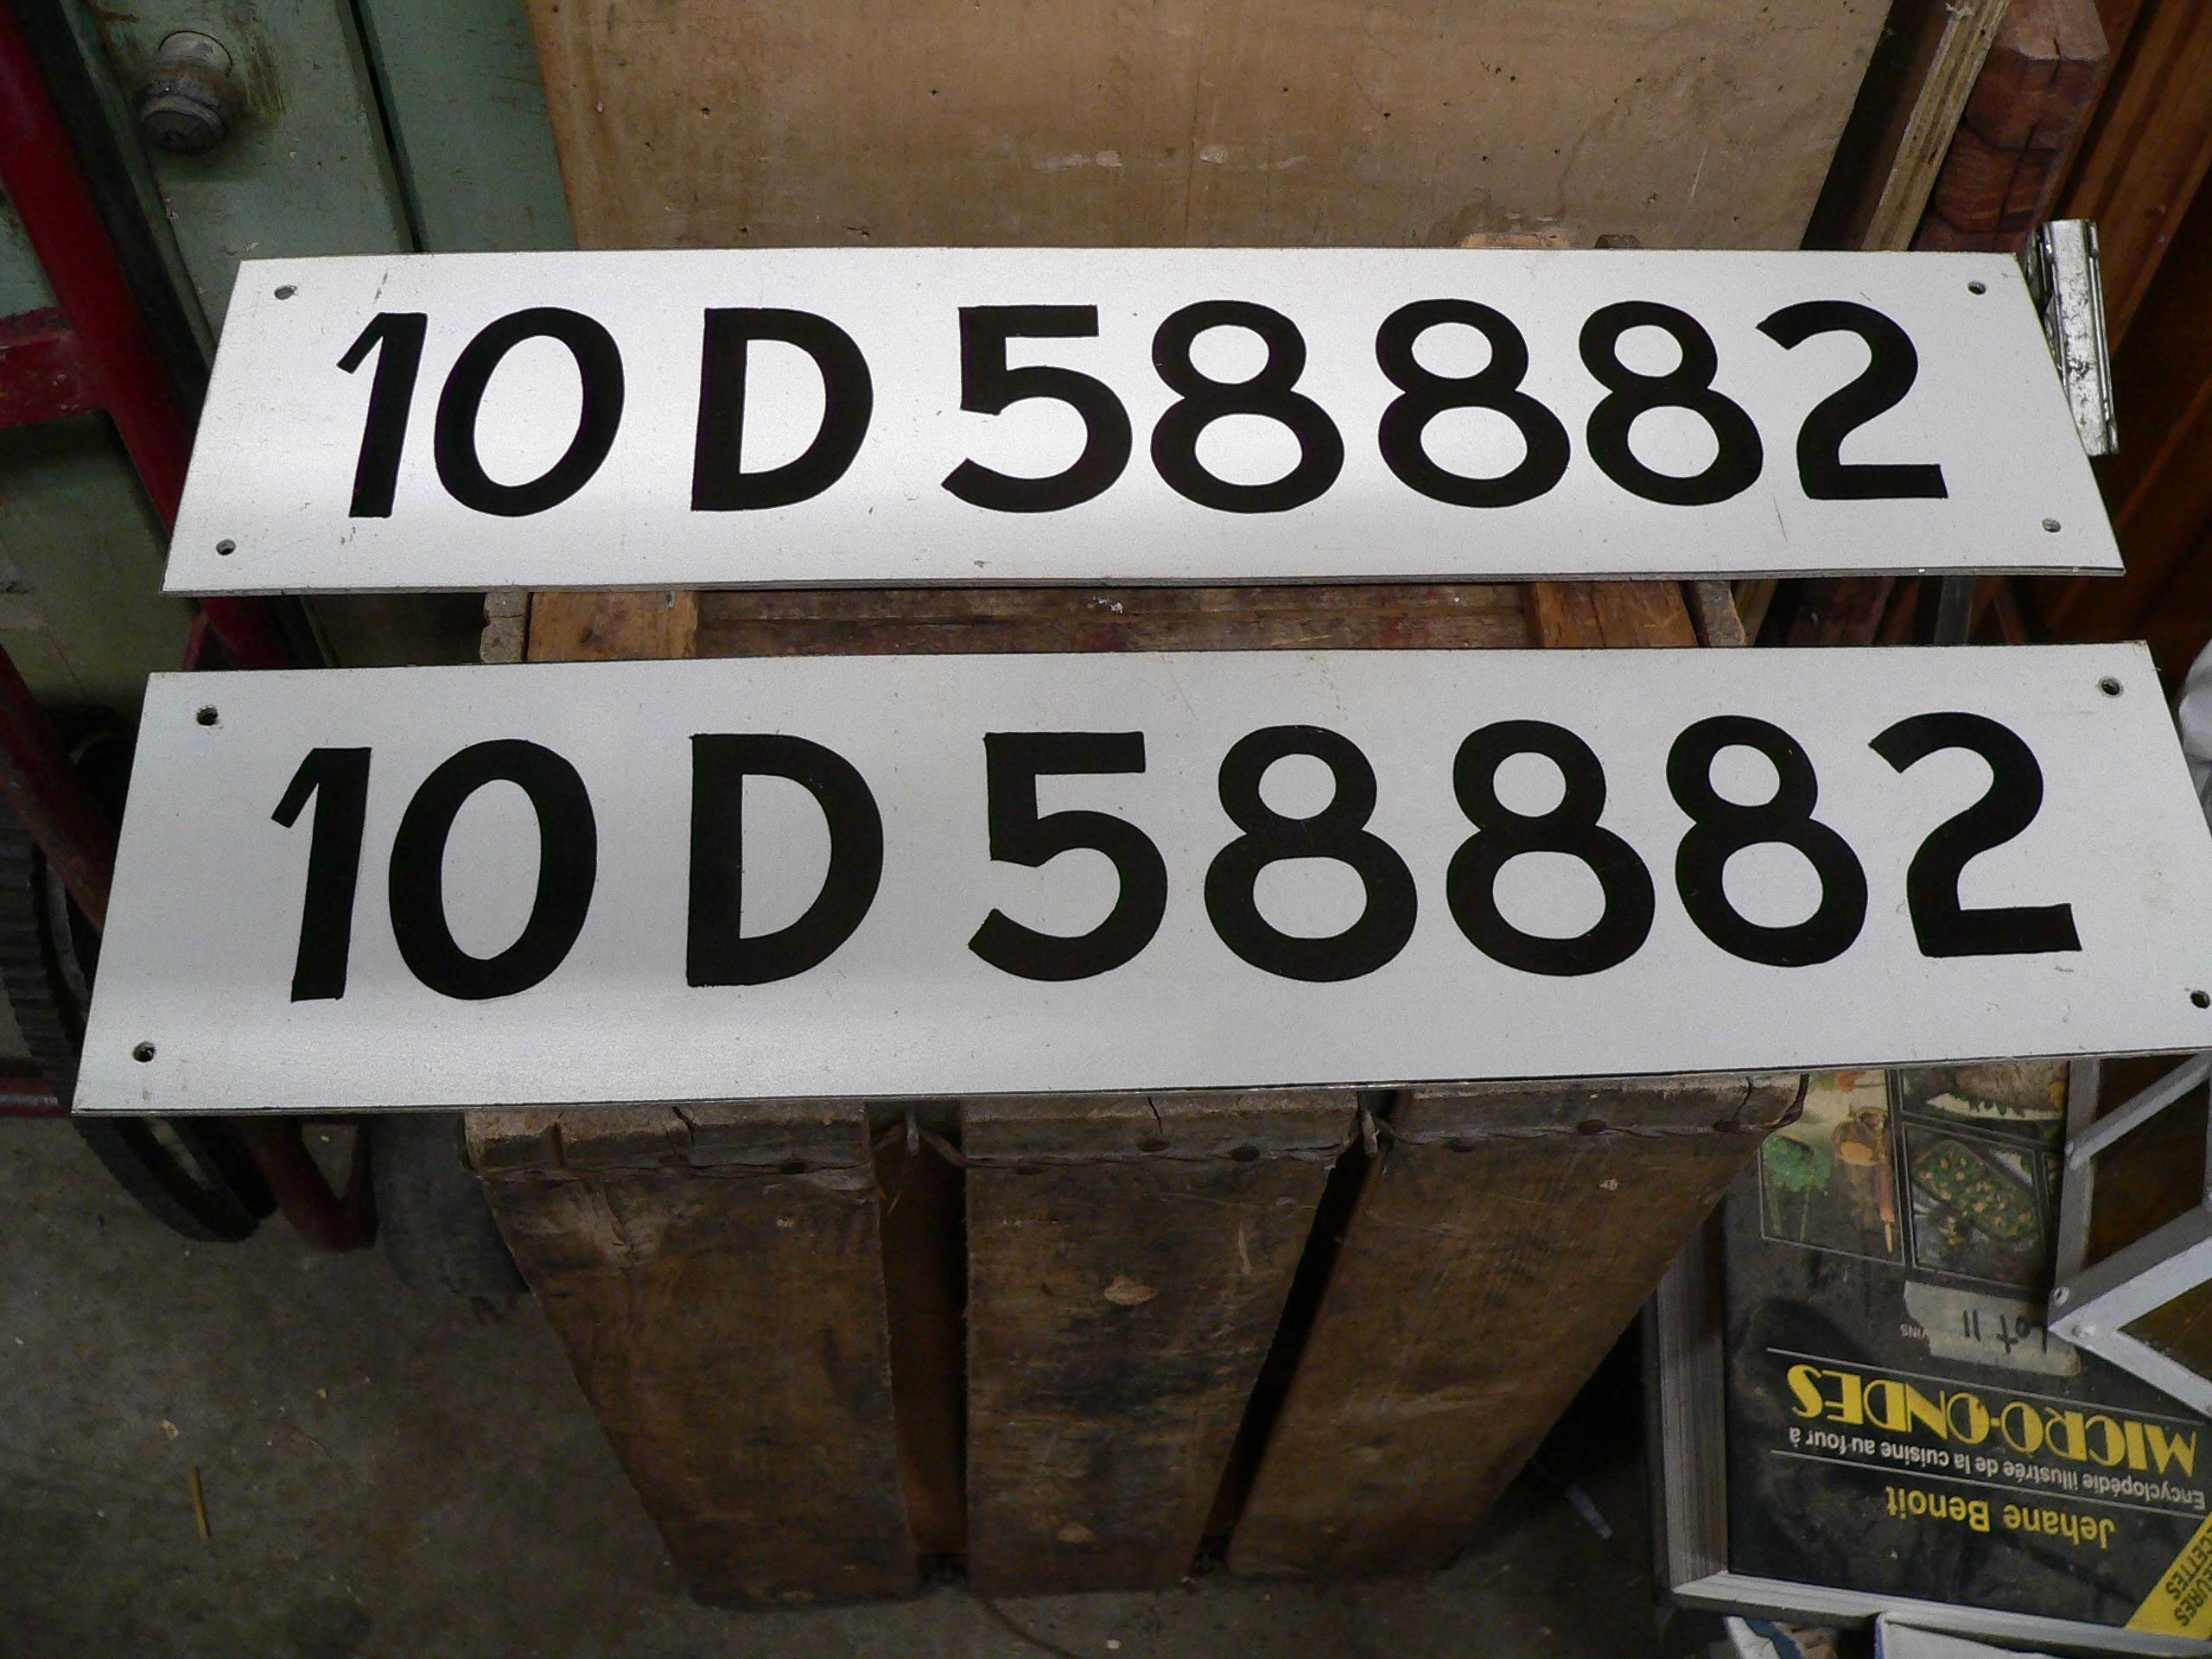 Paire de numéro d'enregistrement de bateau vintage # 5882.10